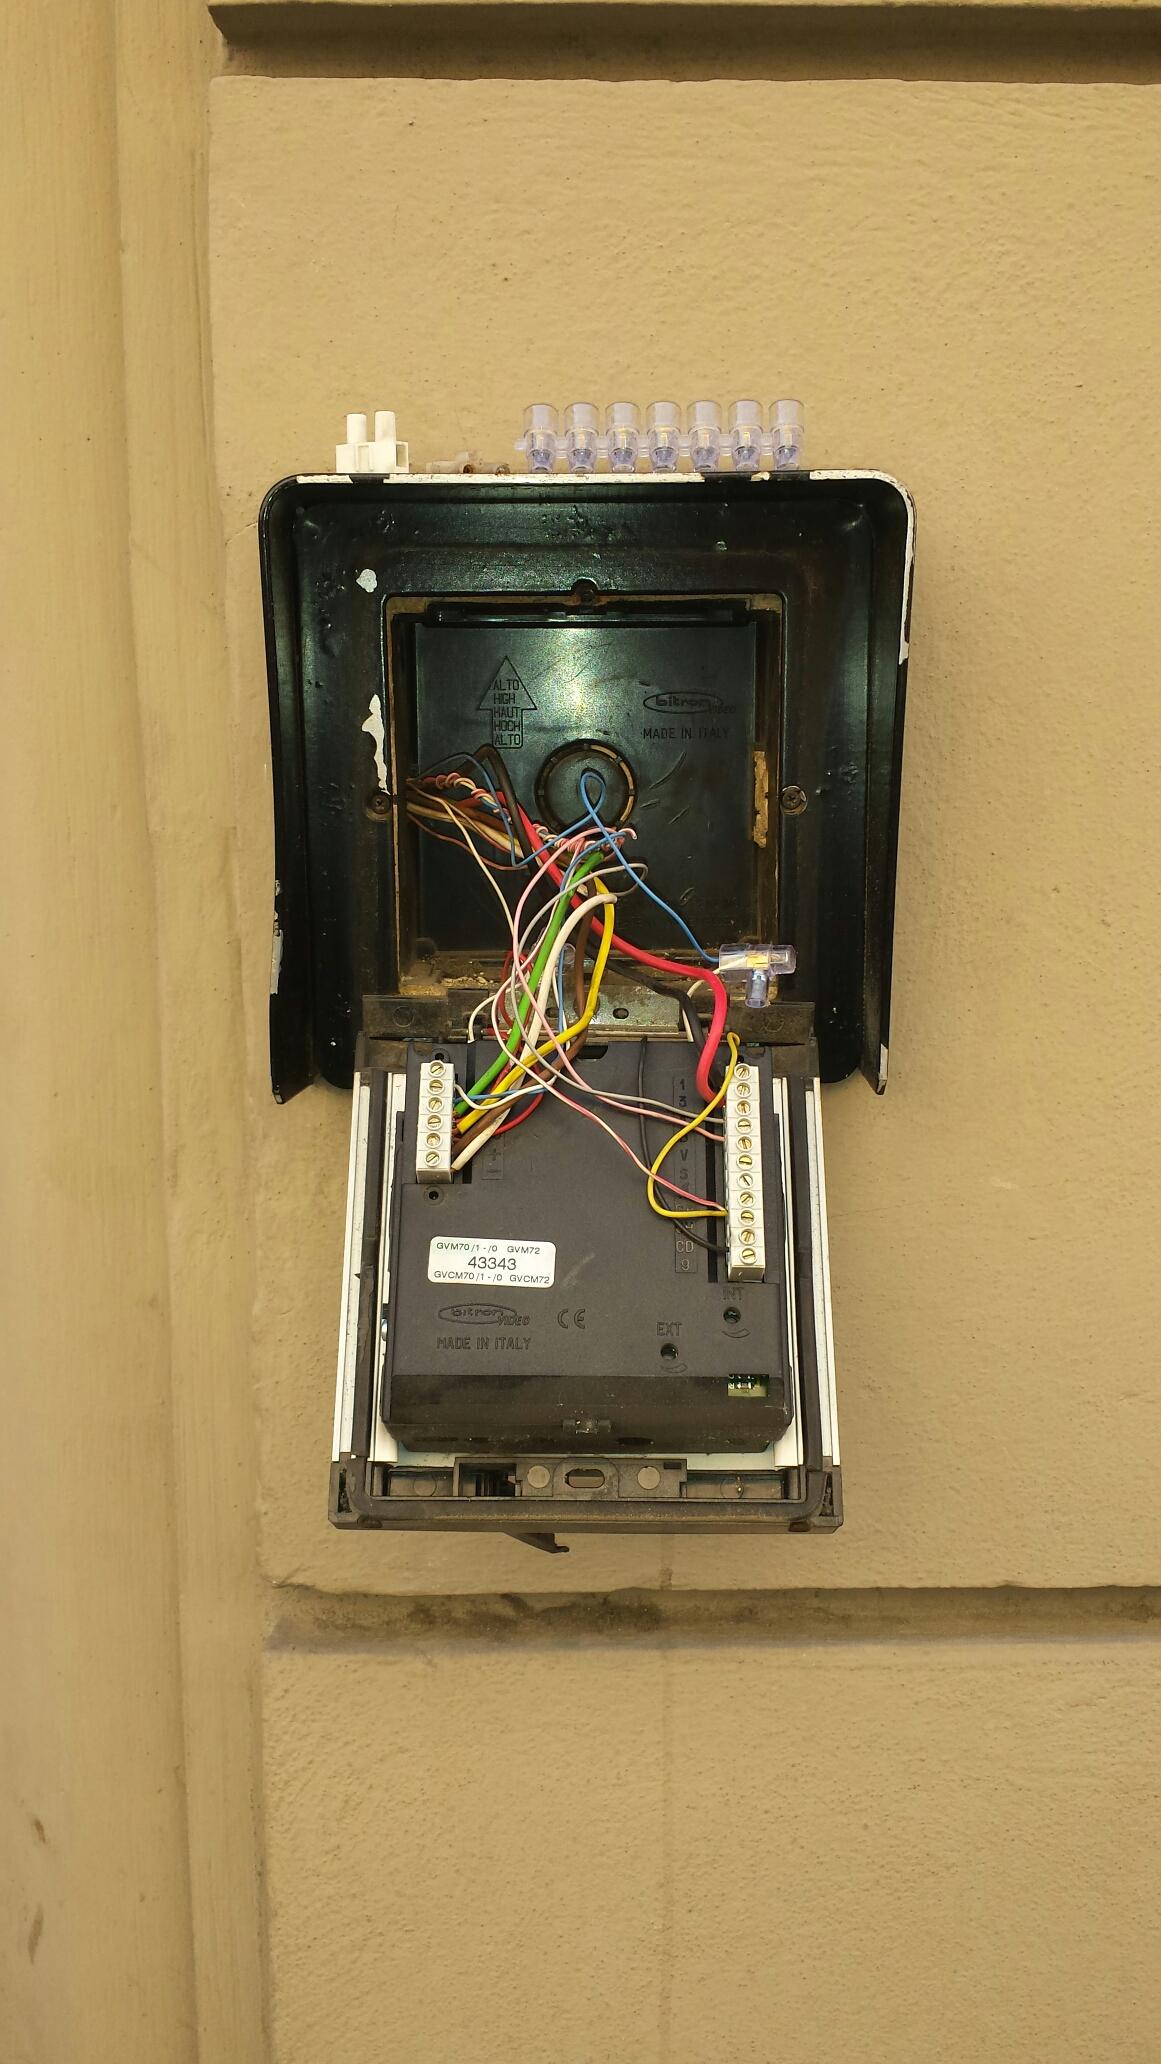 Bitron Schemi Elettrici : Riparazione guasto videocitofono bitron firenze u elettricista